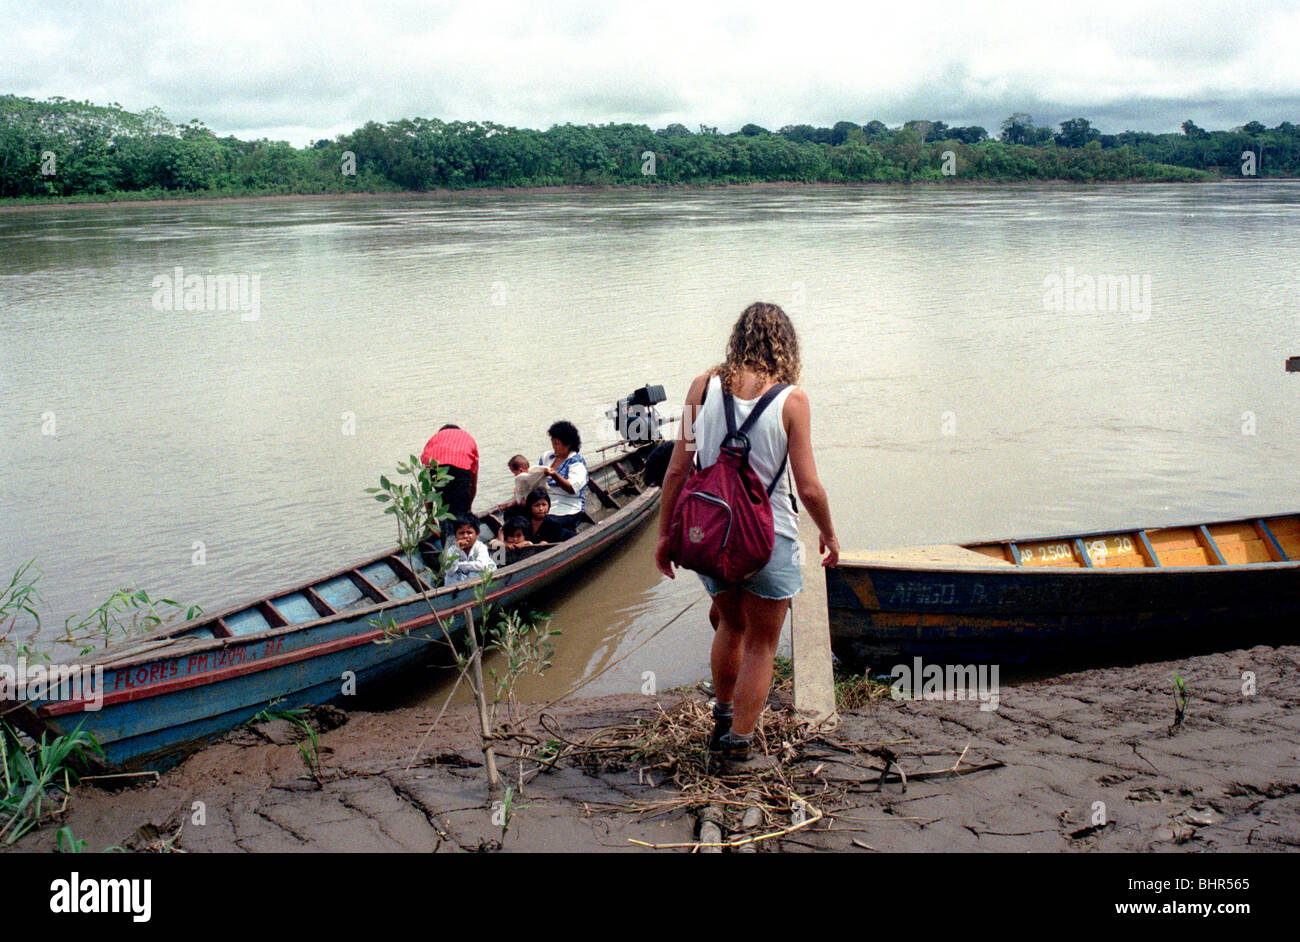 tourist boards canoe in the Peruvian Amazon - Stock Image